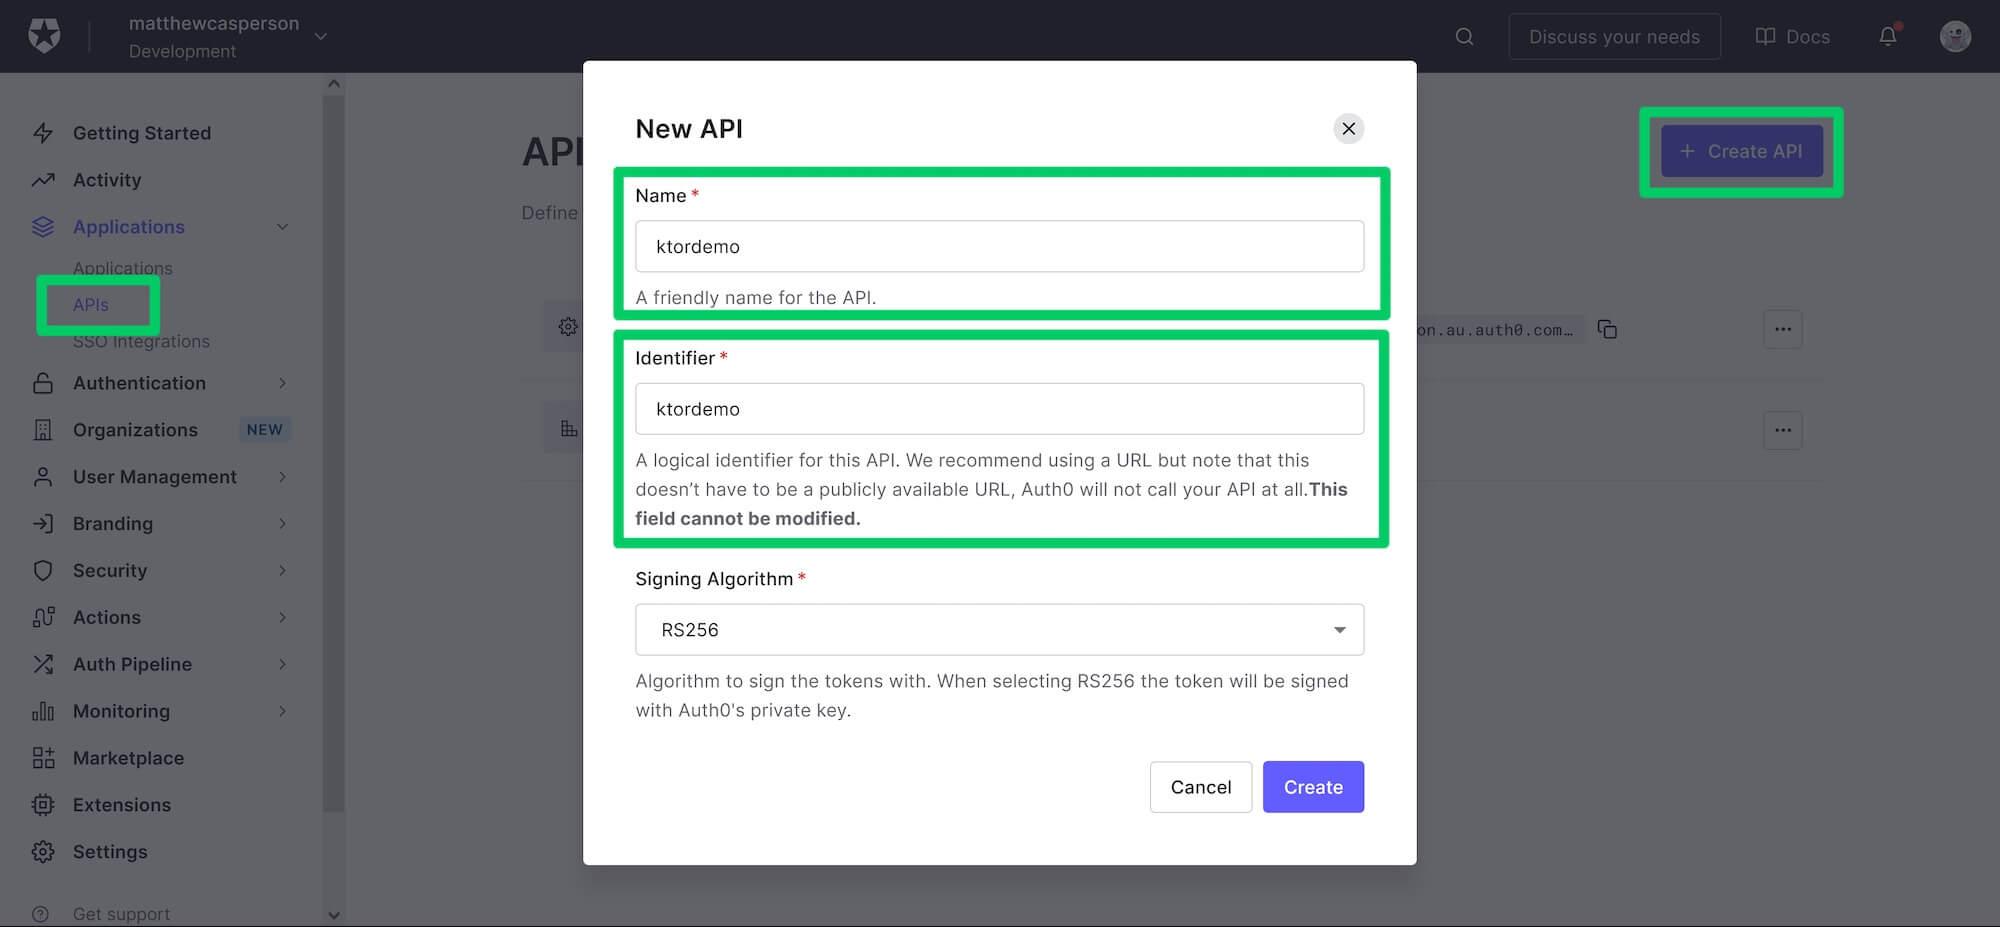 Creating the API